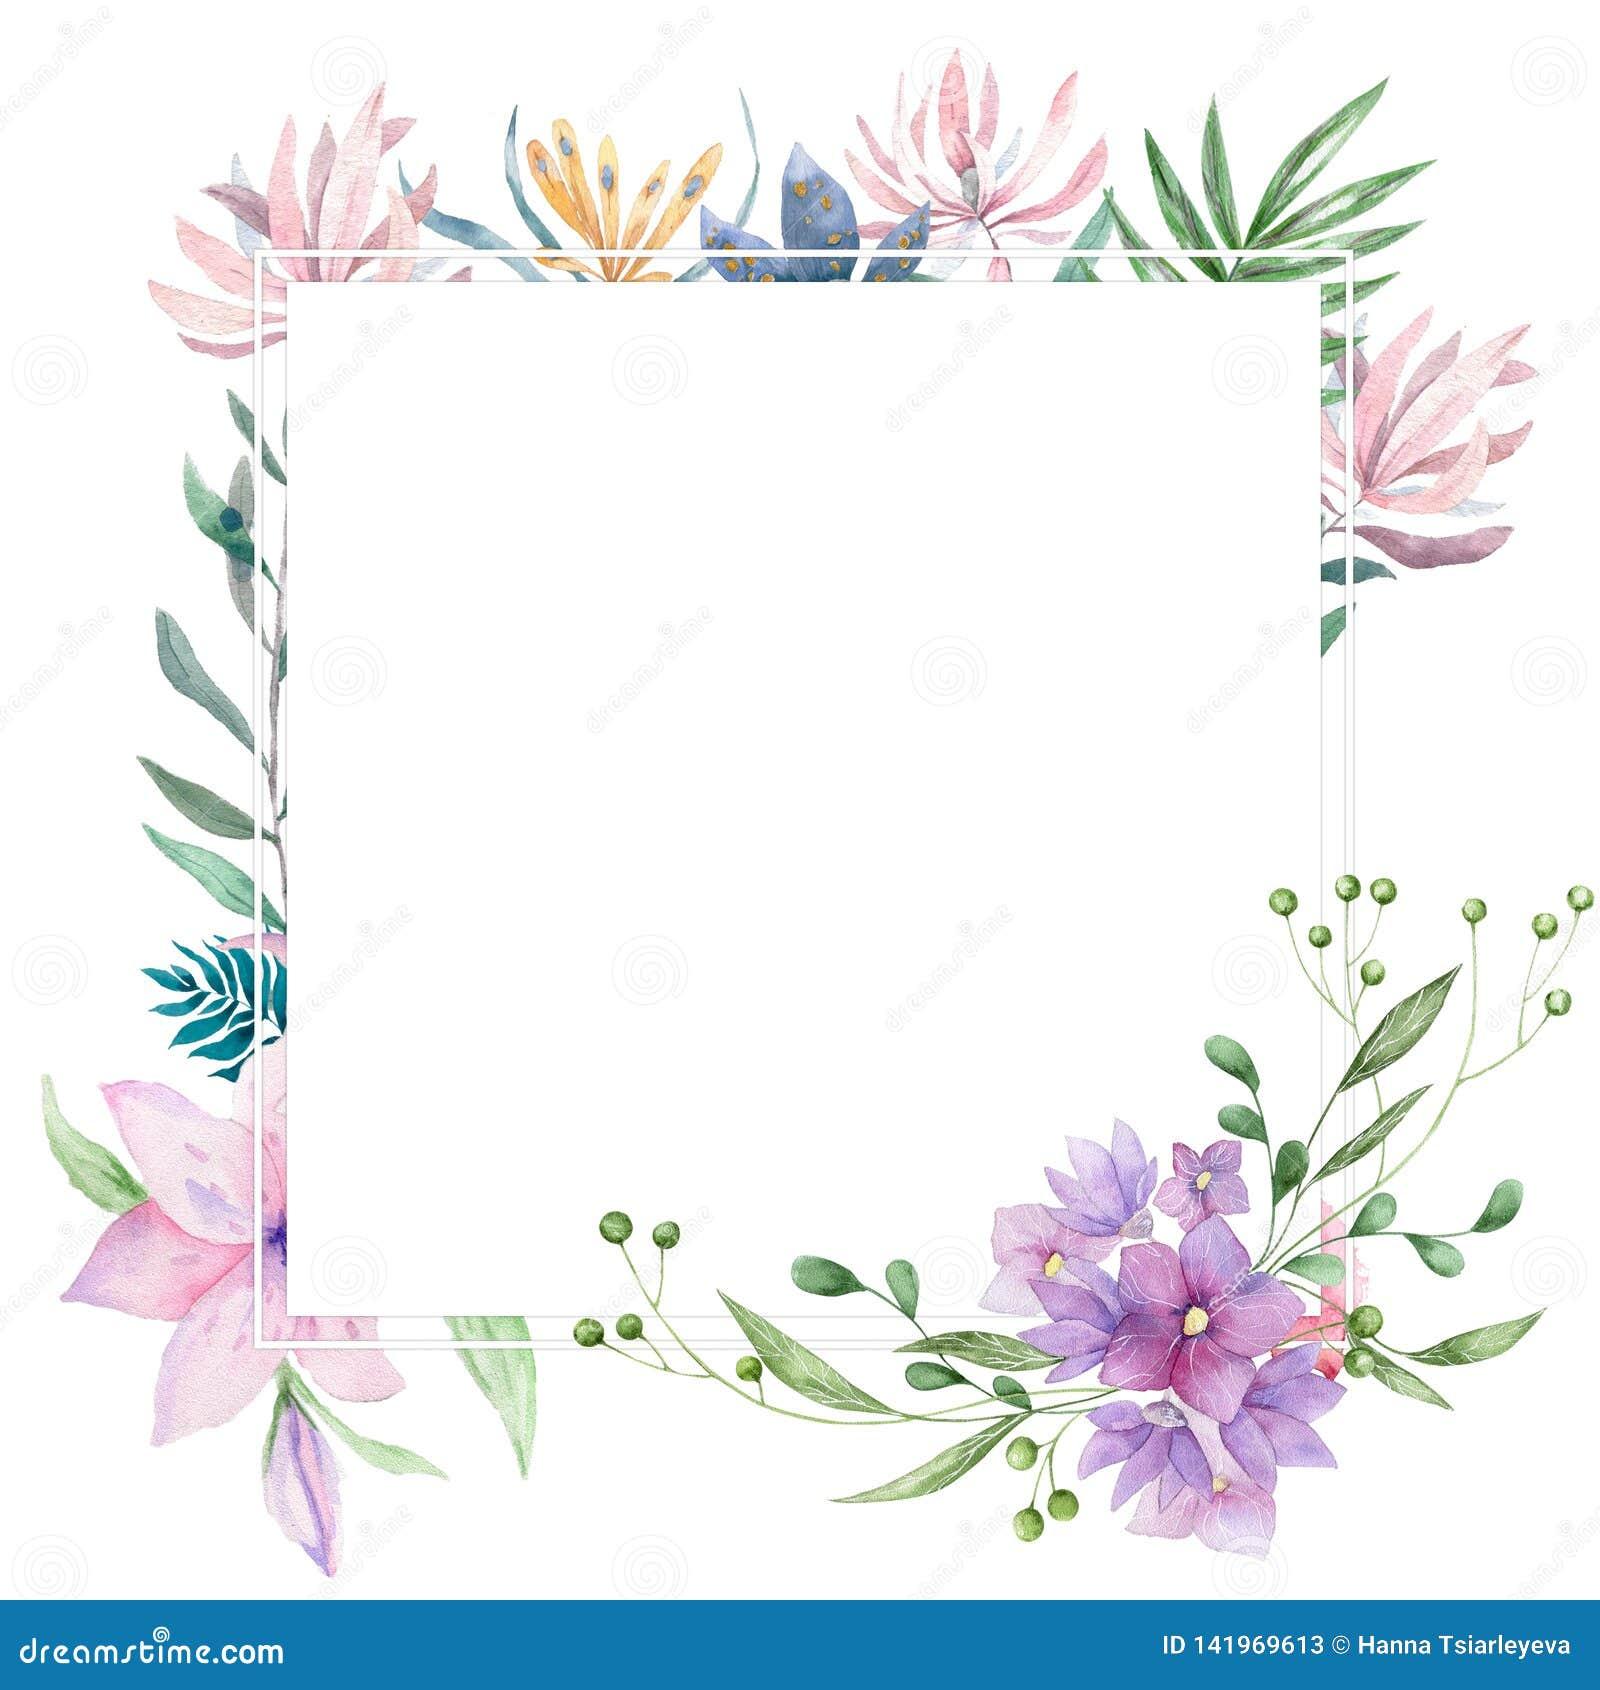 Die Heiratseinladung, mit Blumen laden die geometrischen Karte ein, die rosa Blumen und grünen die Blätter Rauten-Rechteckrahmen